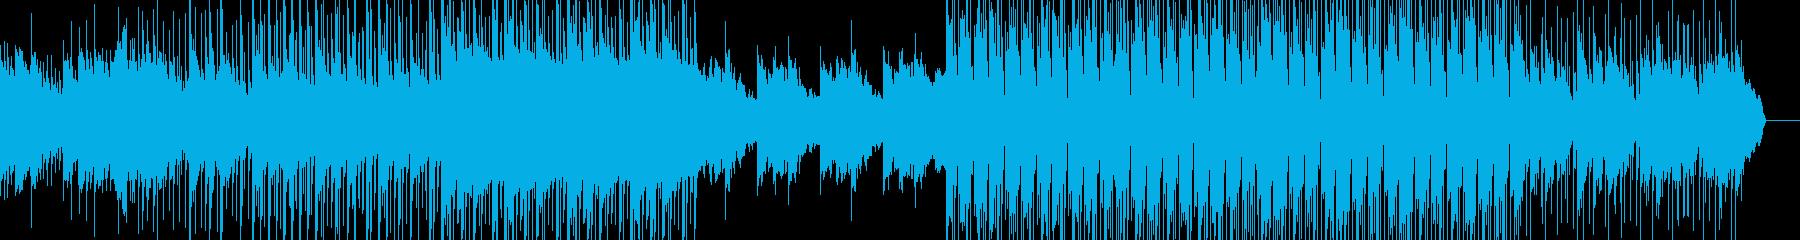 トラップ ヒップホップ テクノロジ...の再生済みの波形